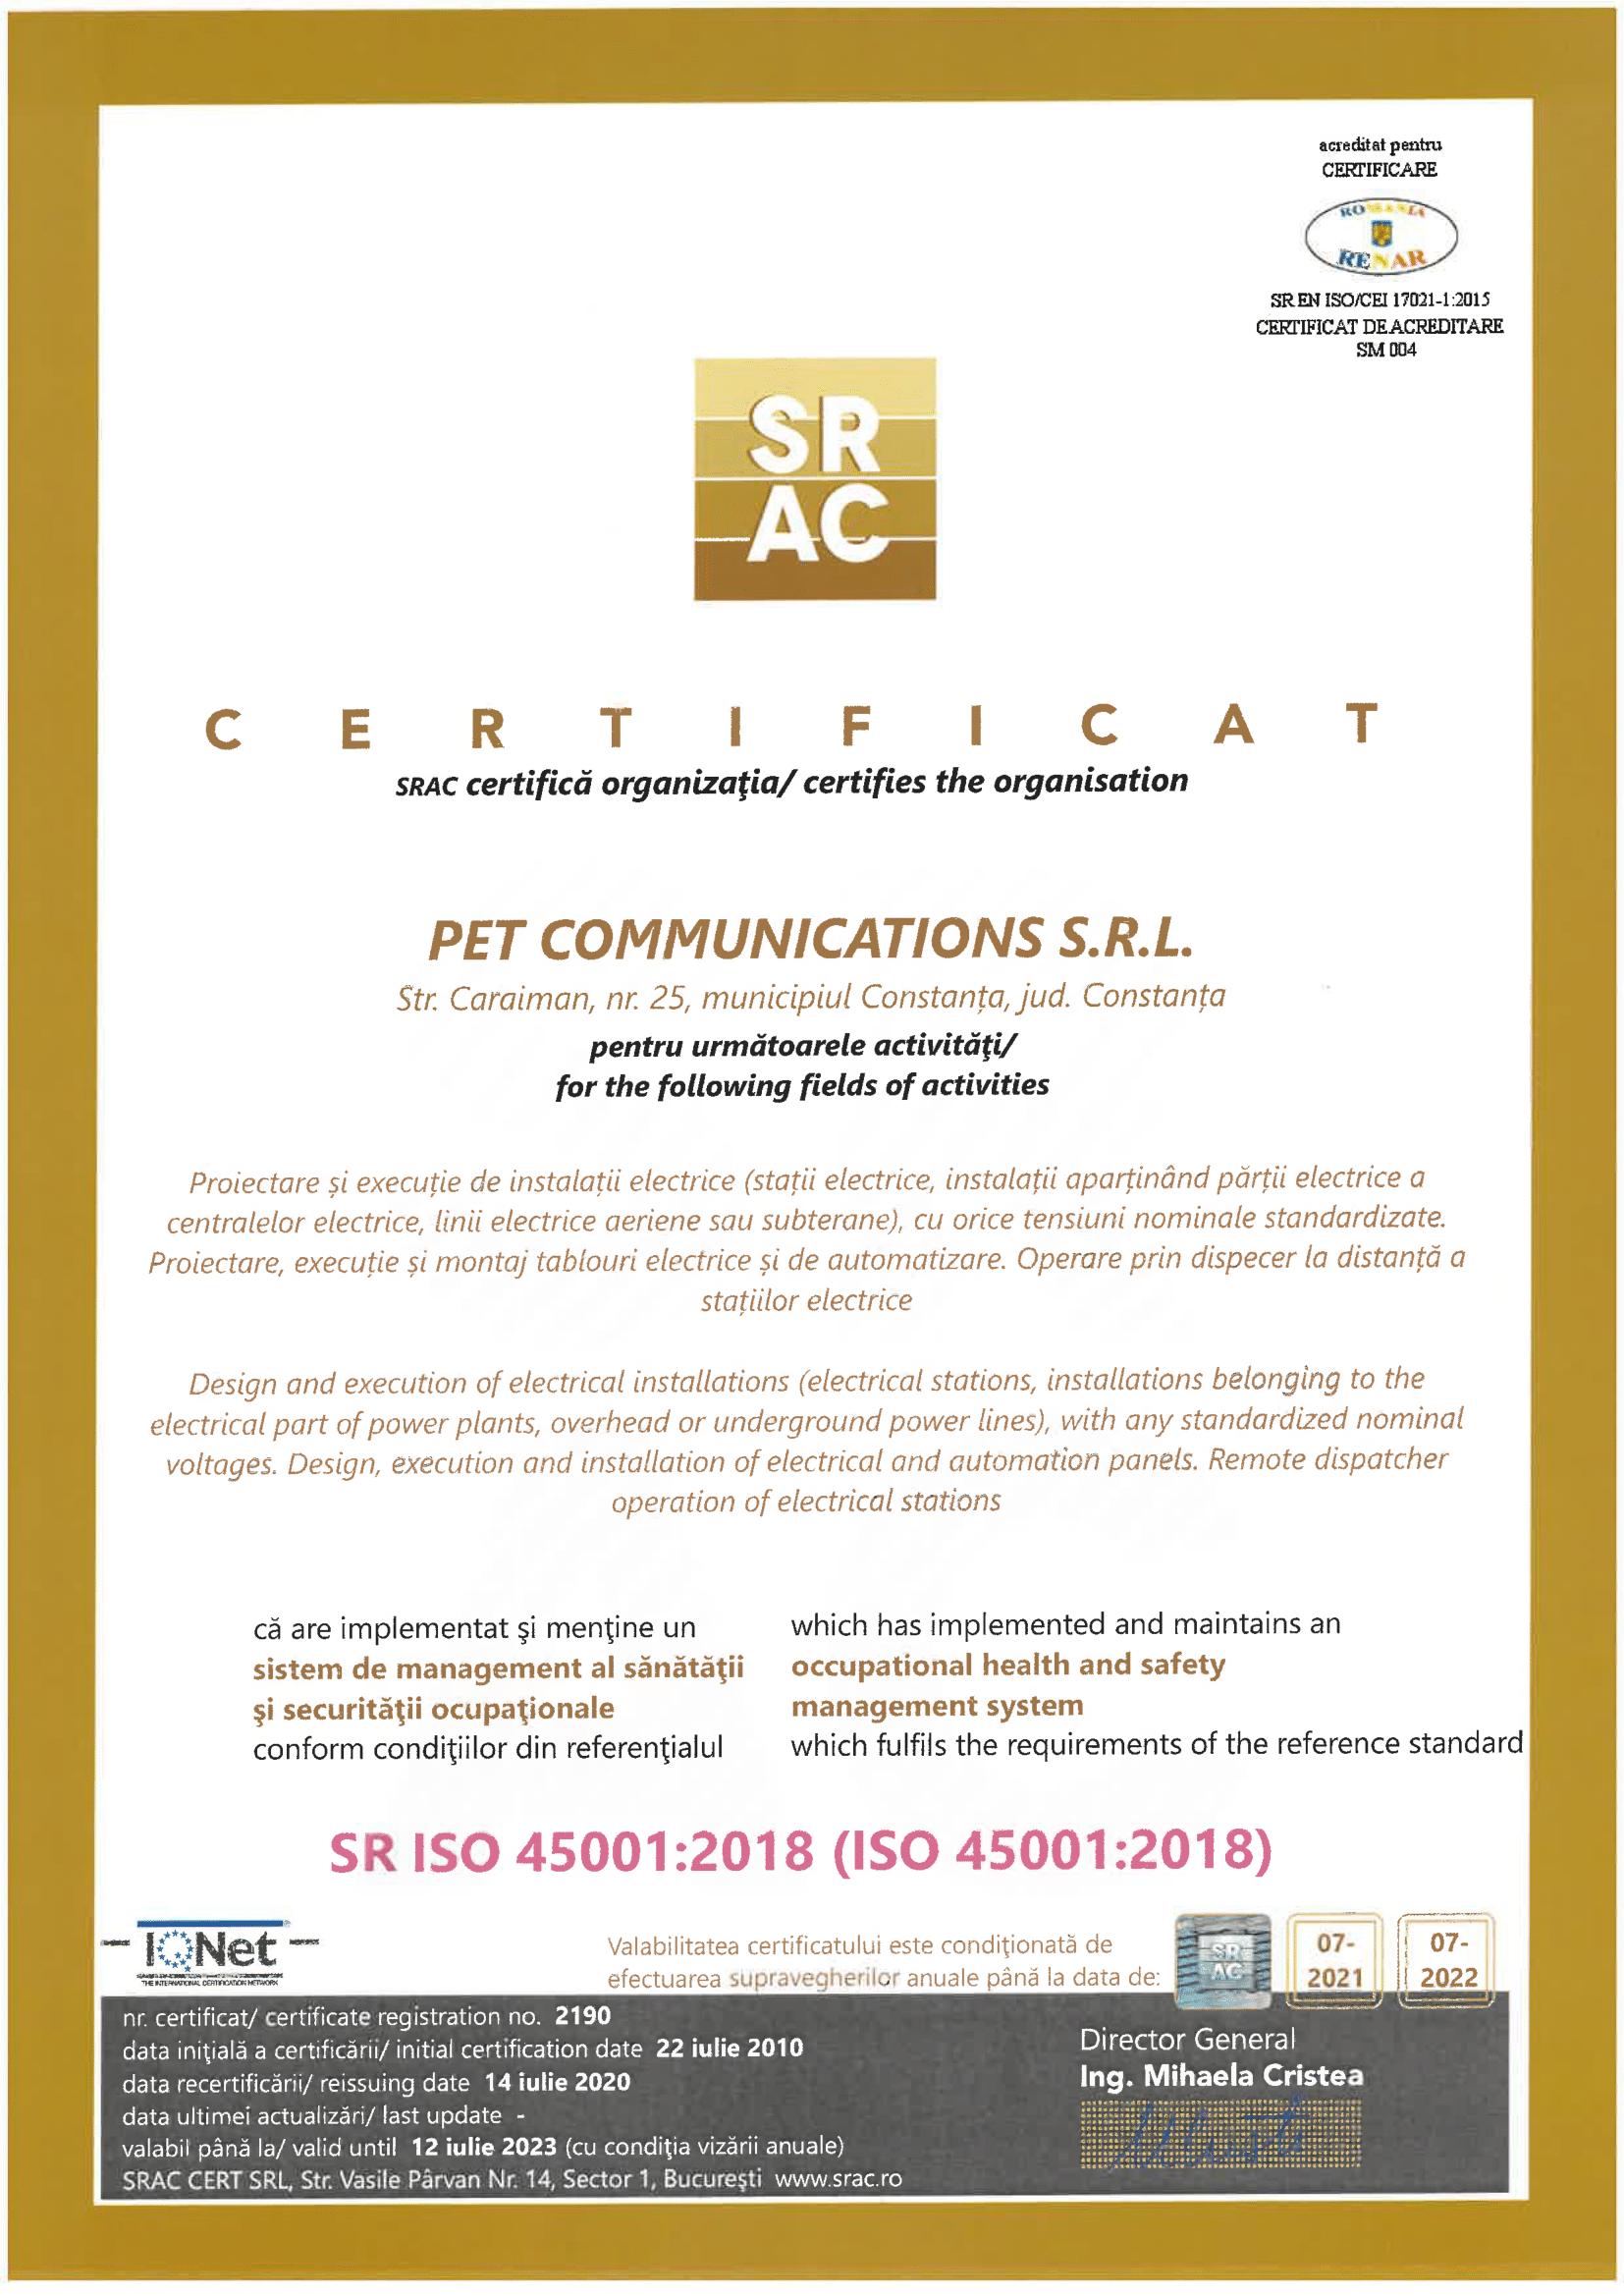 Certificat ISO 45001:2018